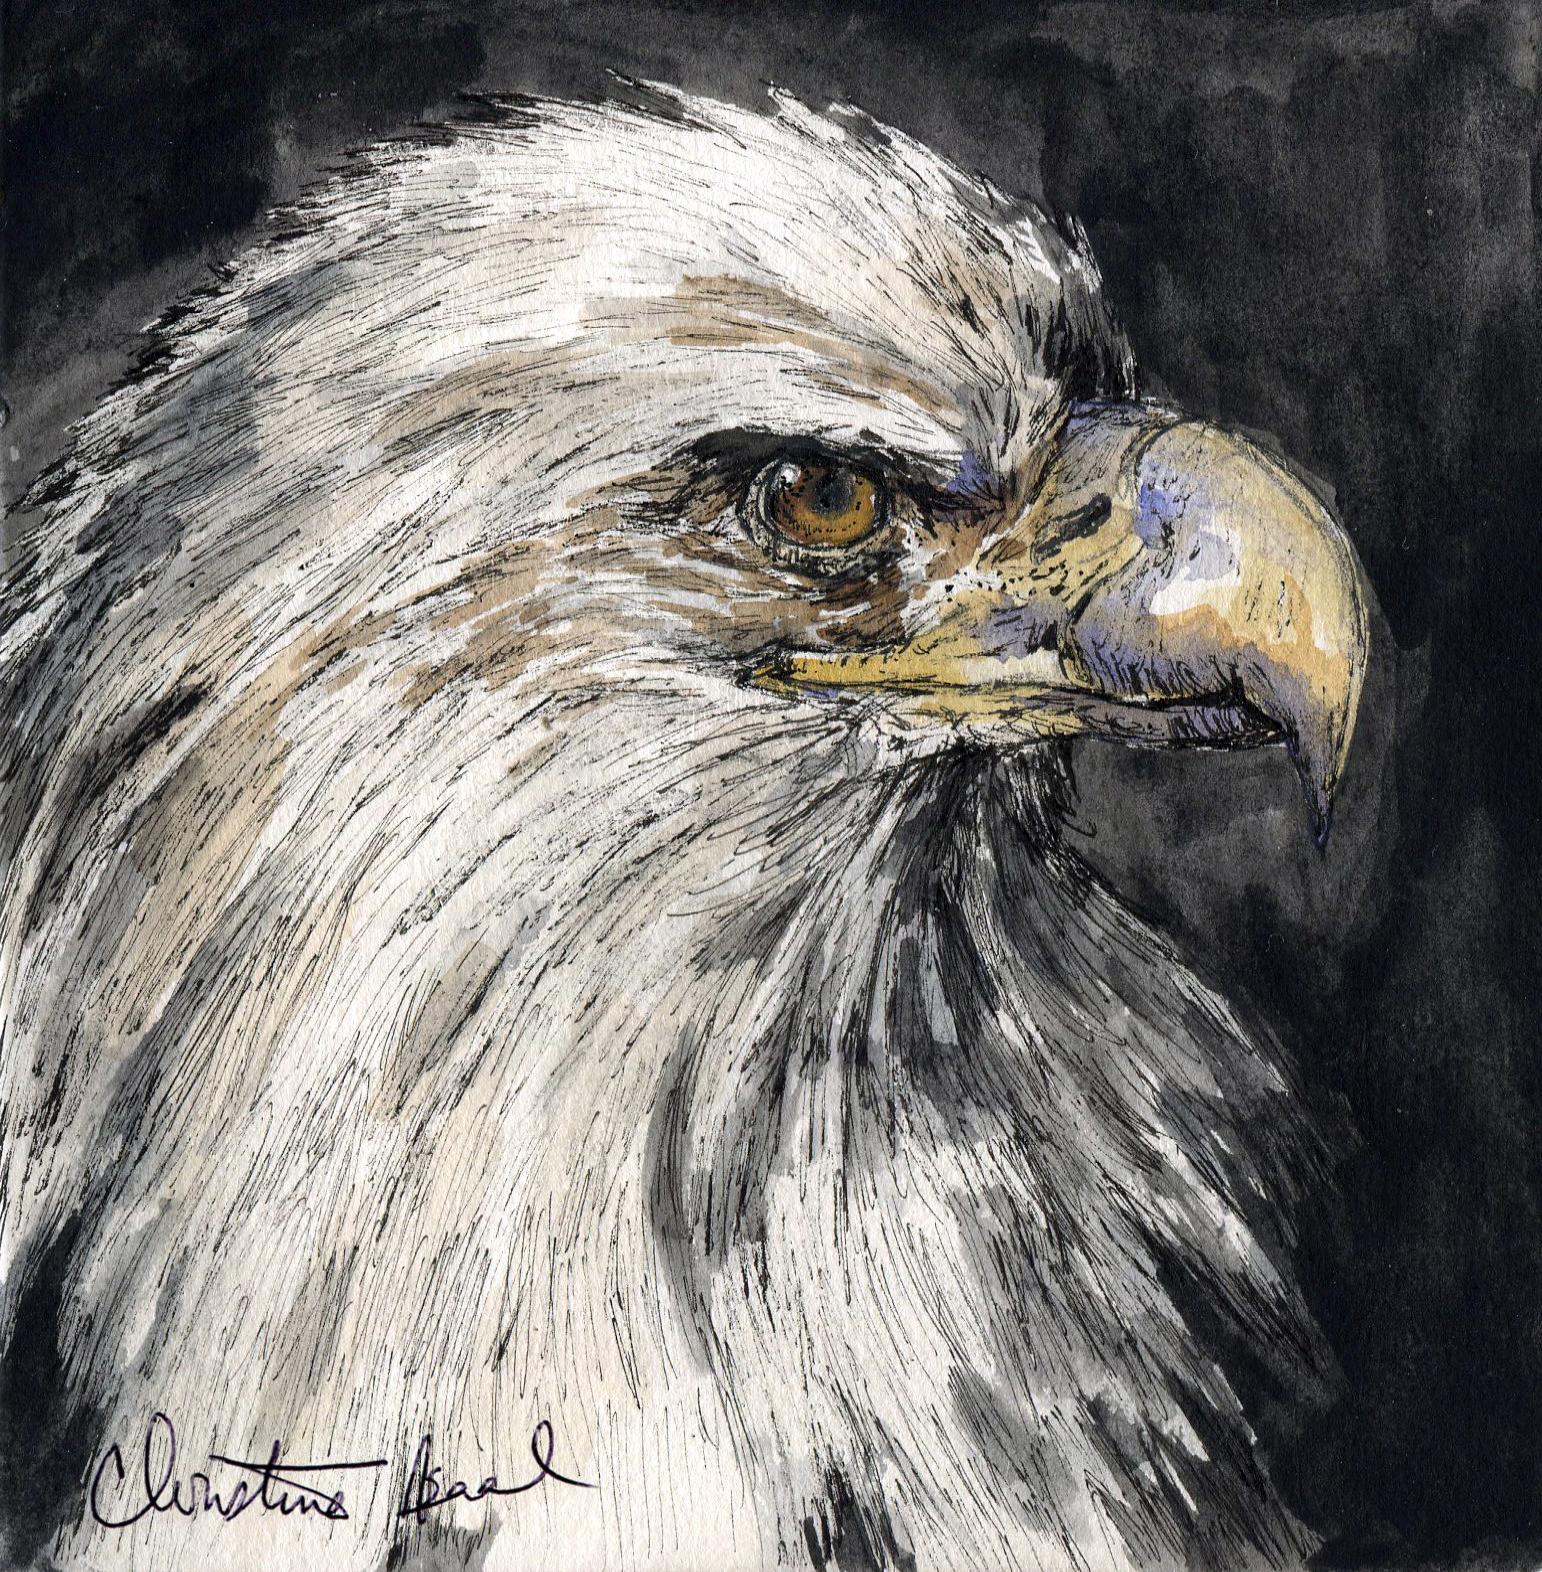 4. Bald Eagle